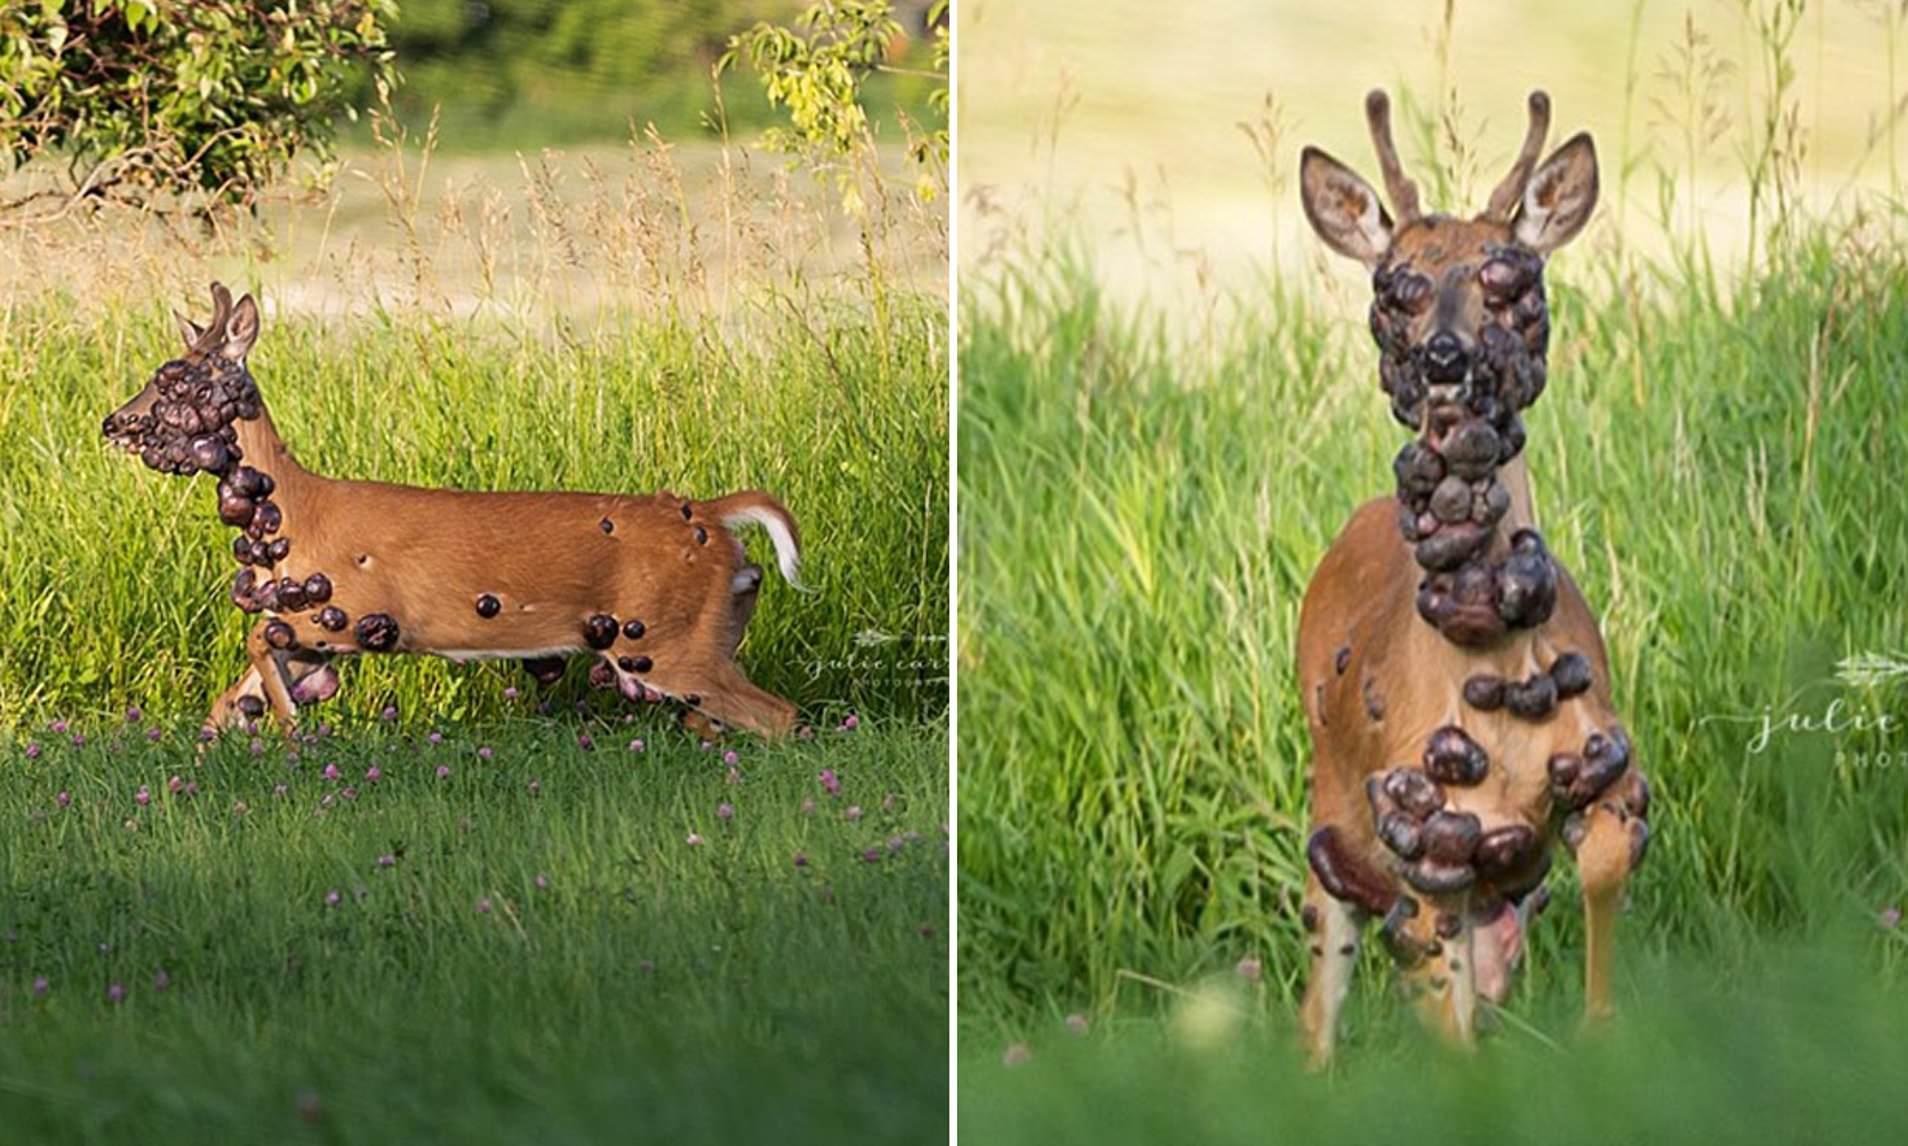 papillomavirus on deer